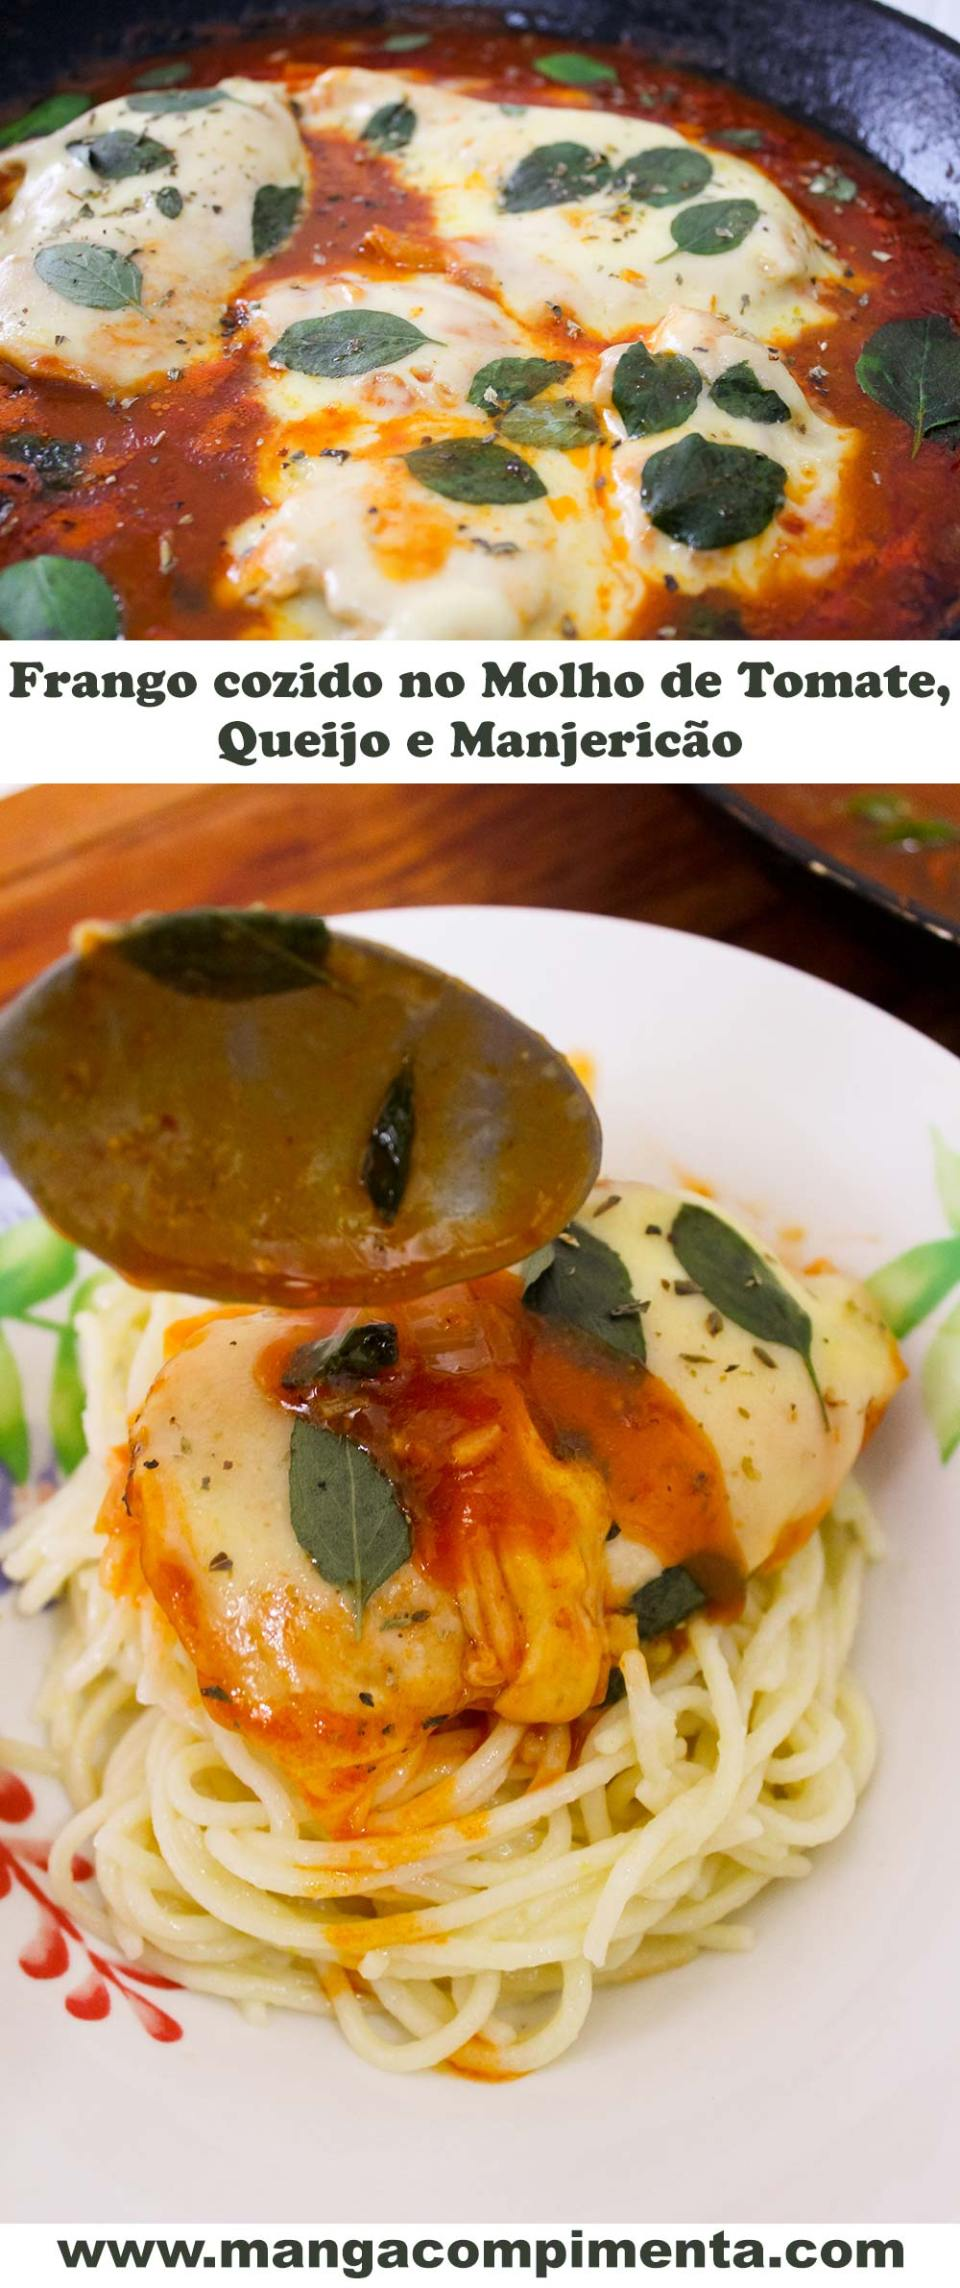 Frango cozido no Molho de Tomate, Queijo e Manjericão - para o almoço de domingo!